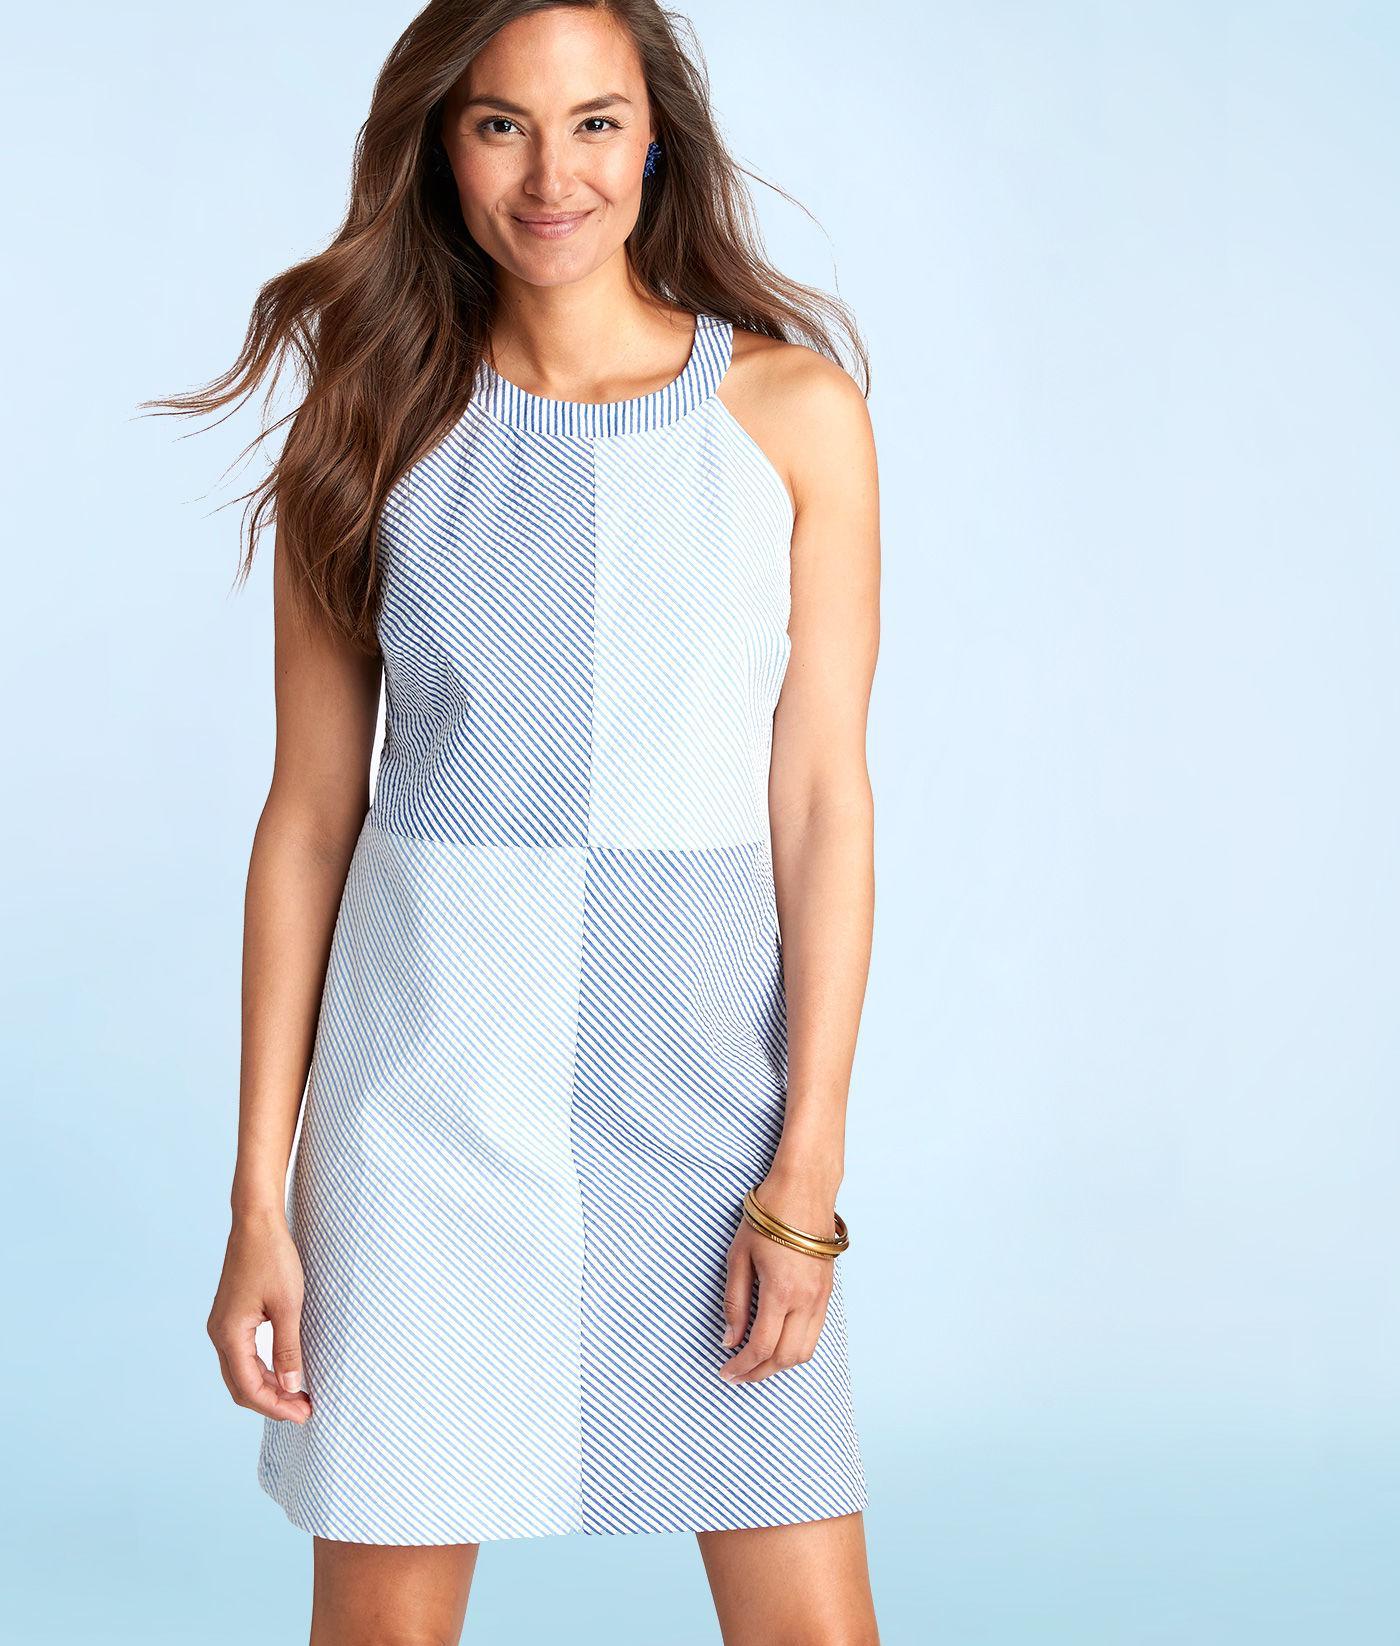 62c0eeaaf7 Vineyard Vines Seersucker Stripe Block Dress in Blue - Lyst